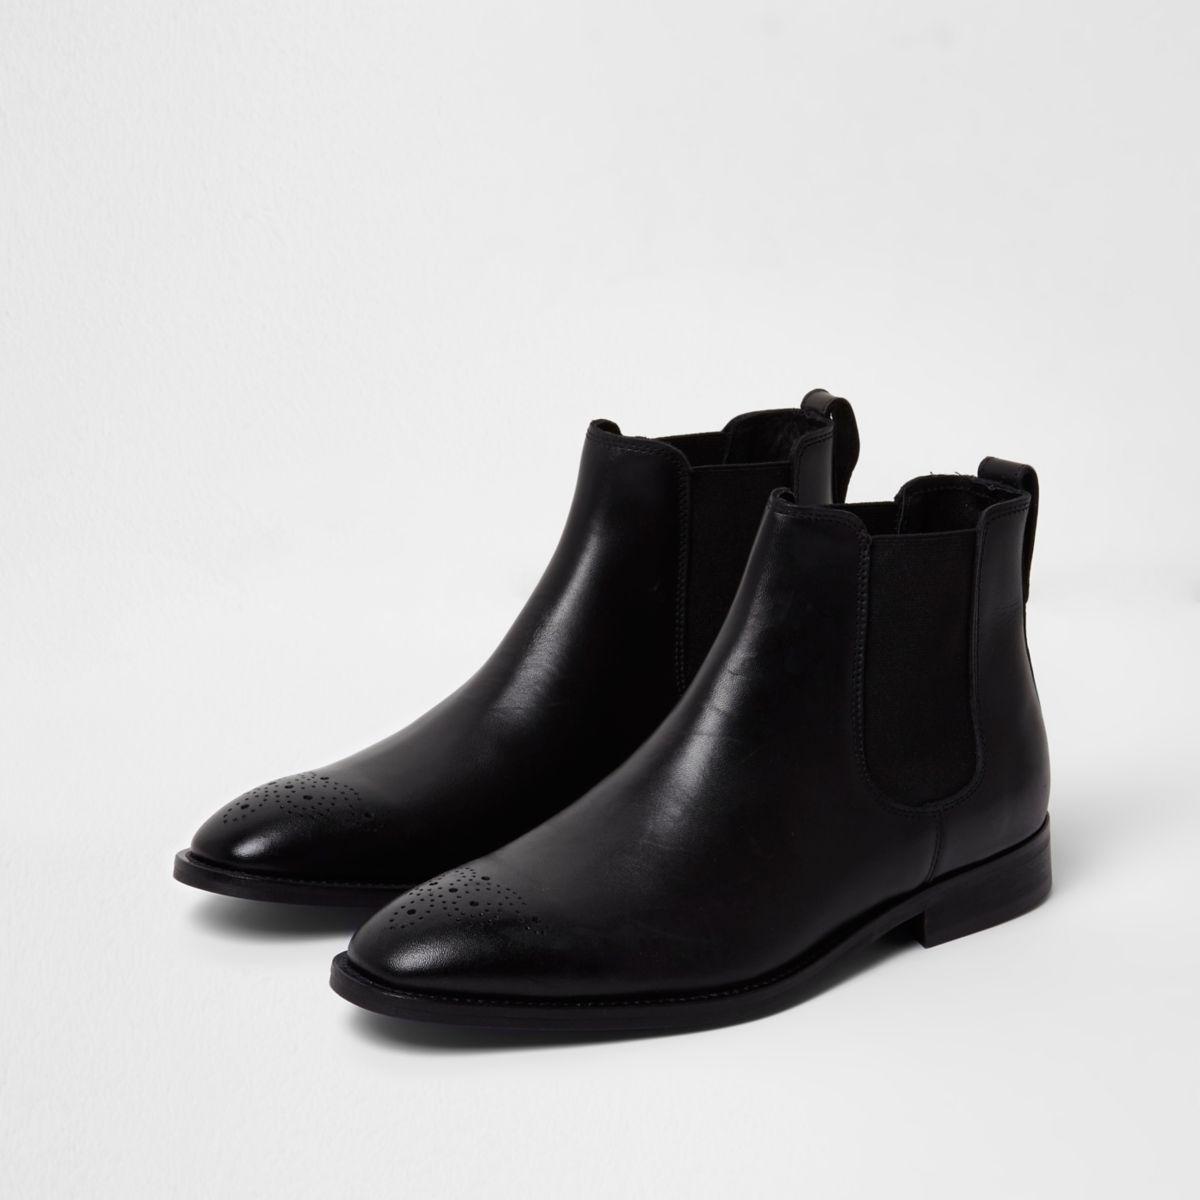 Zwarte leren brogue chelsea boots